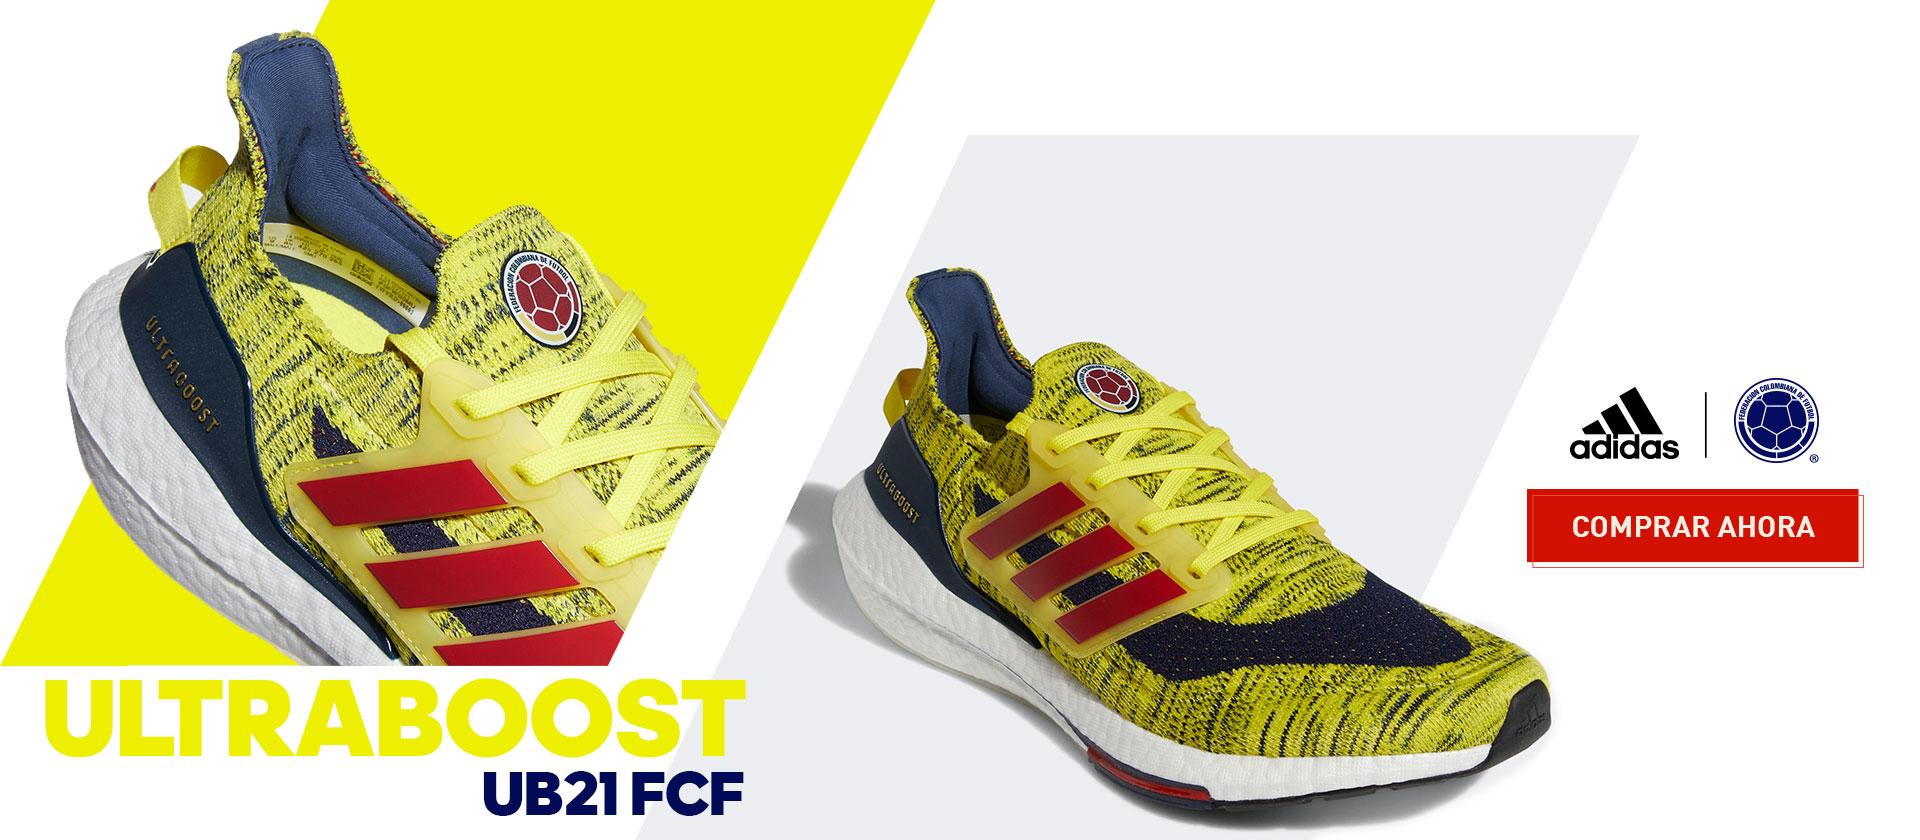 Ultraboost UB21 FCF